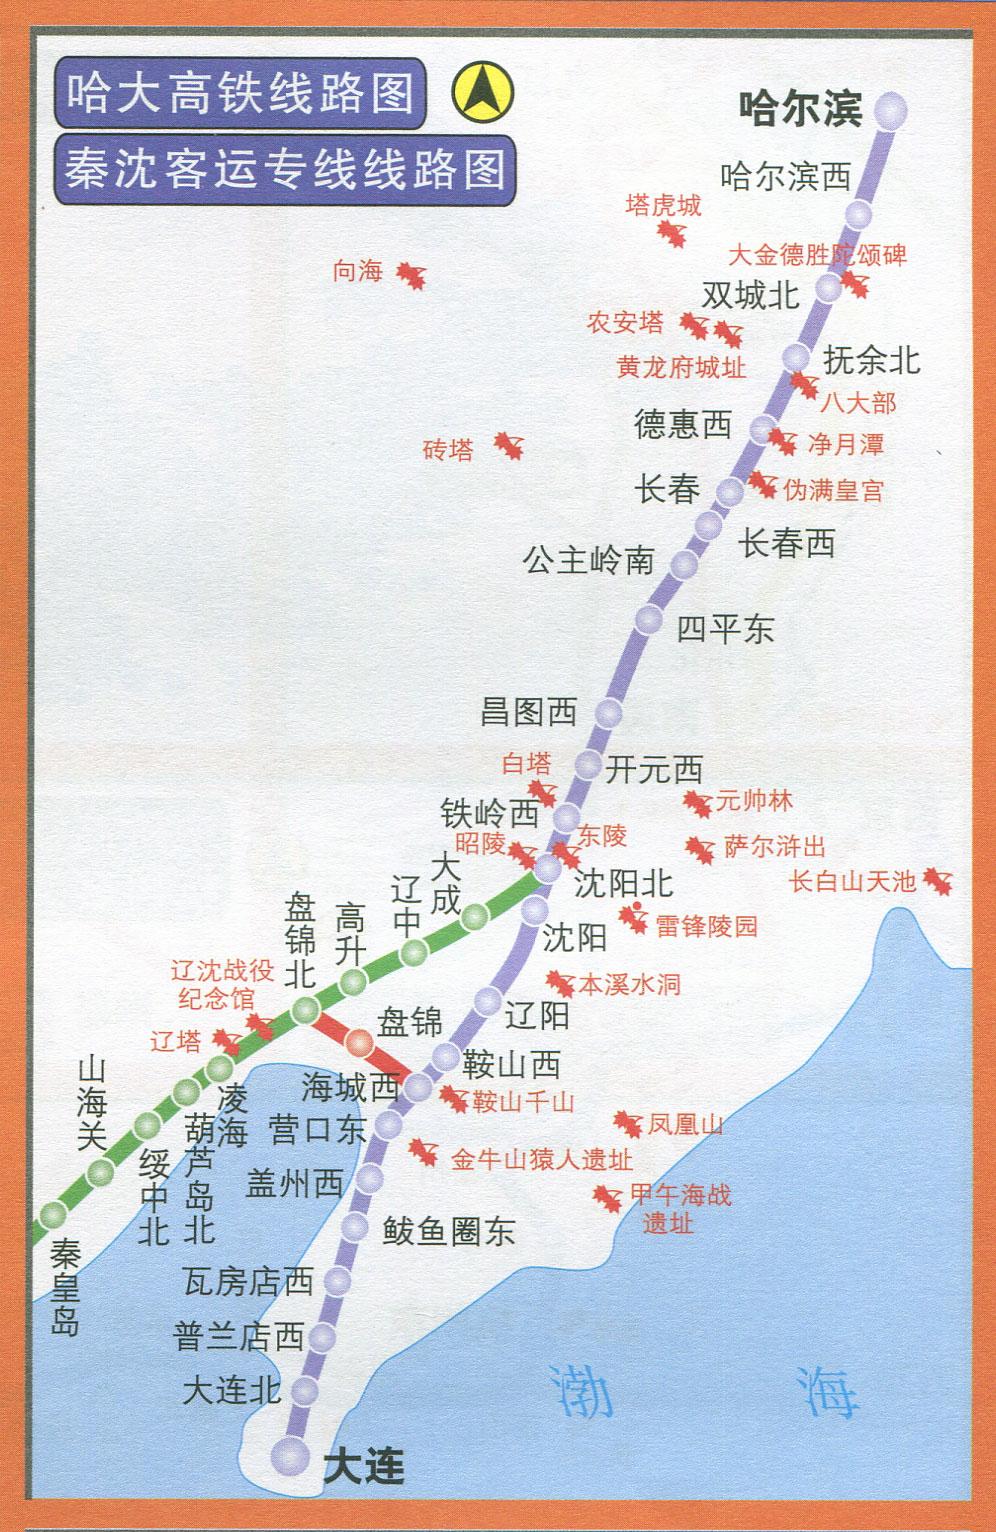 哈大高铁线路图